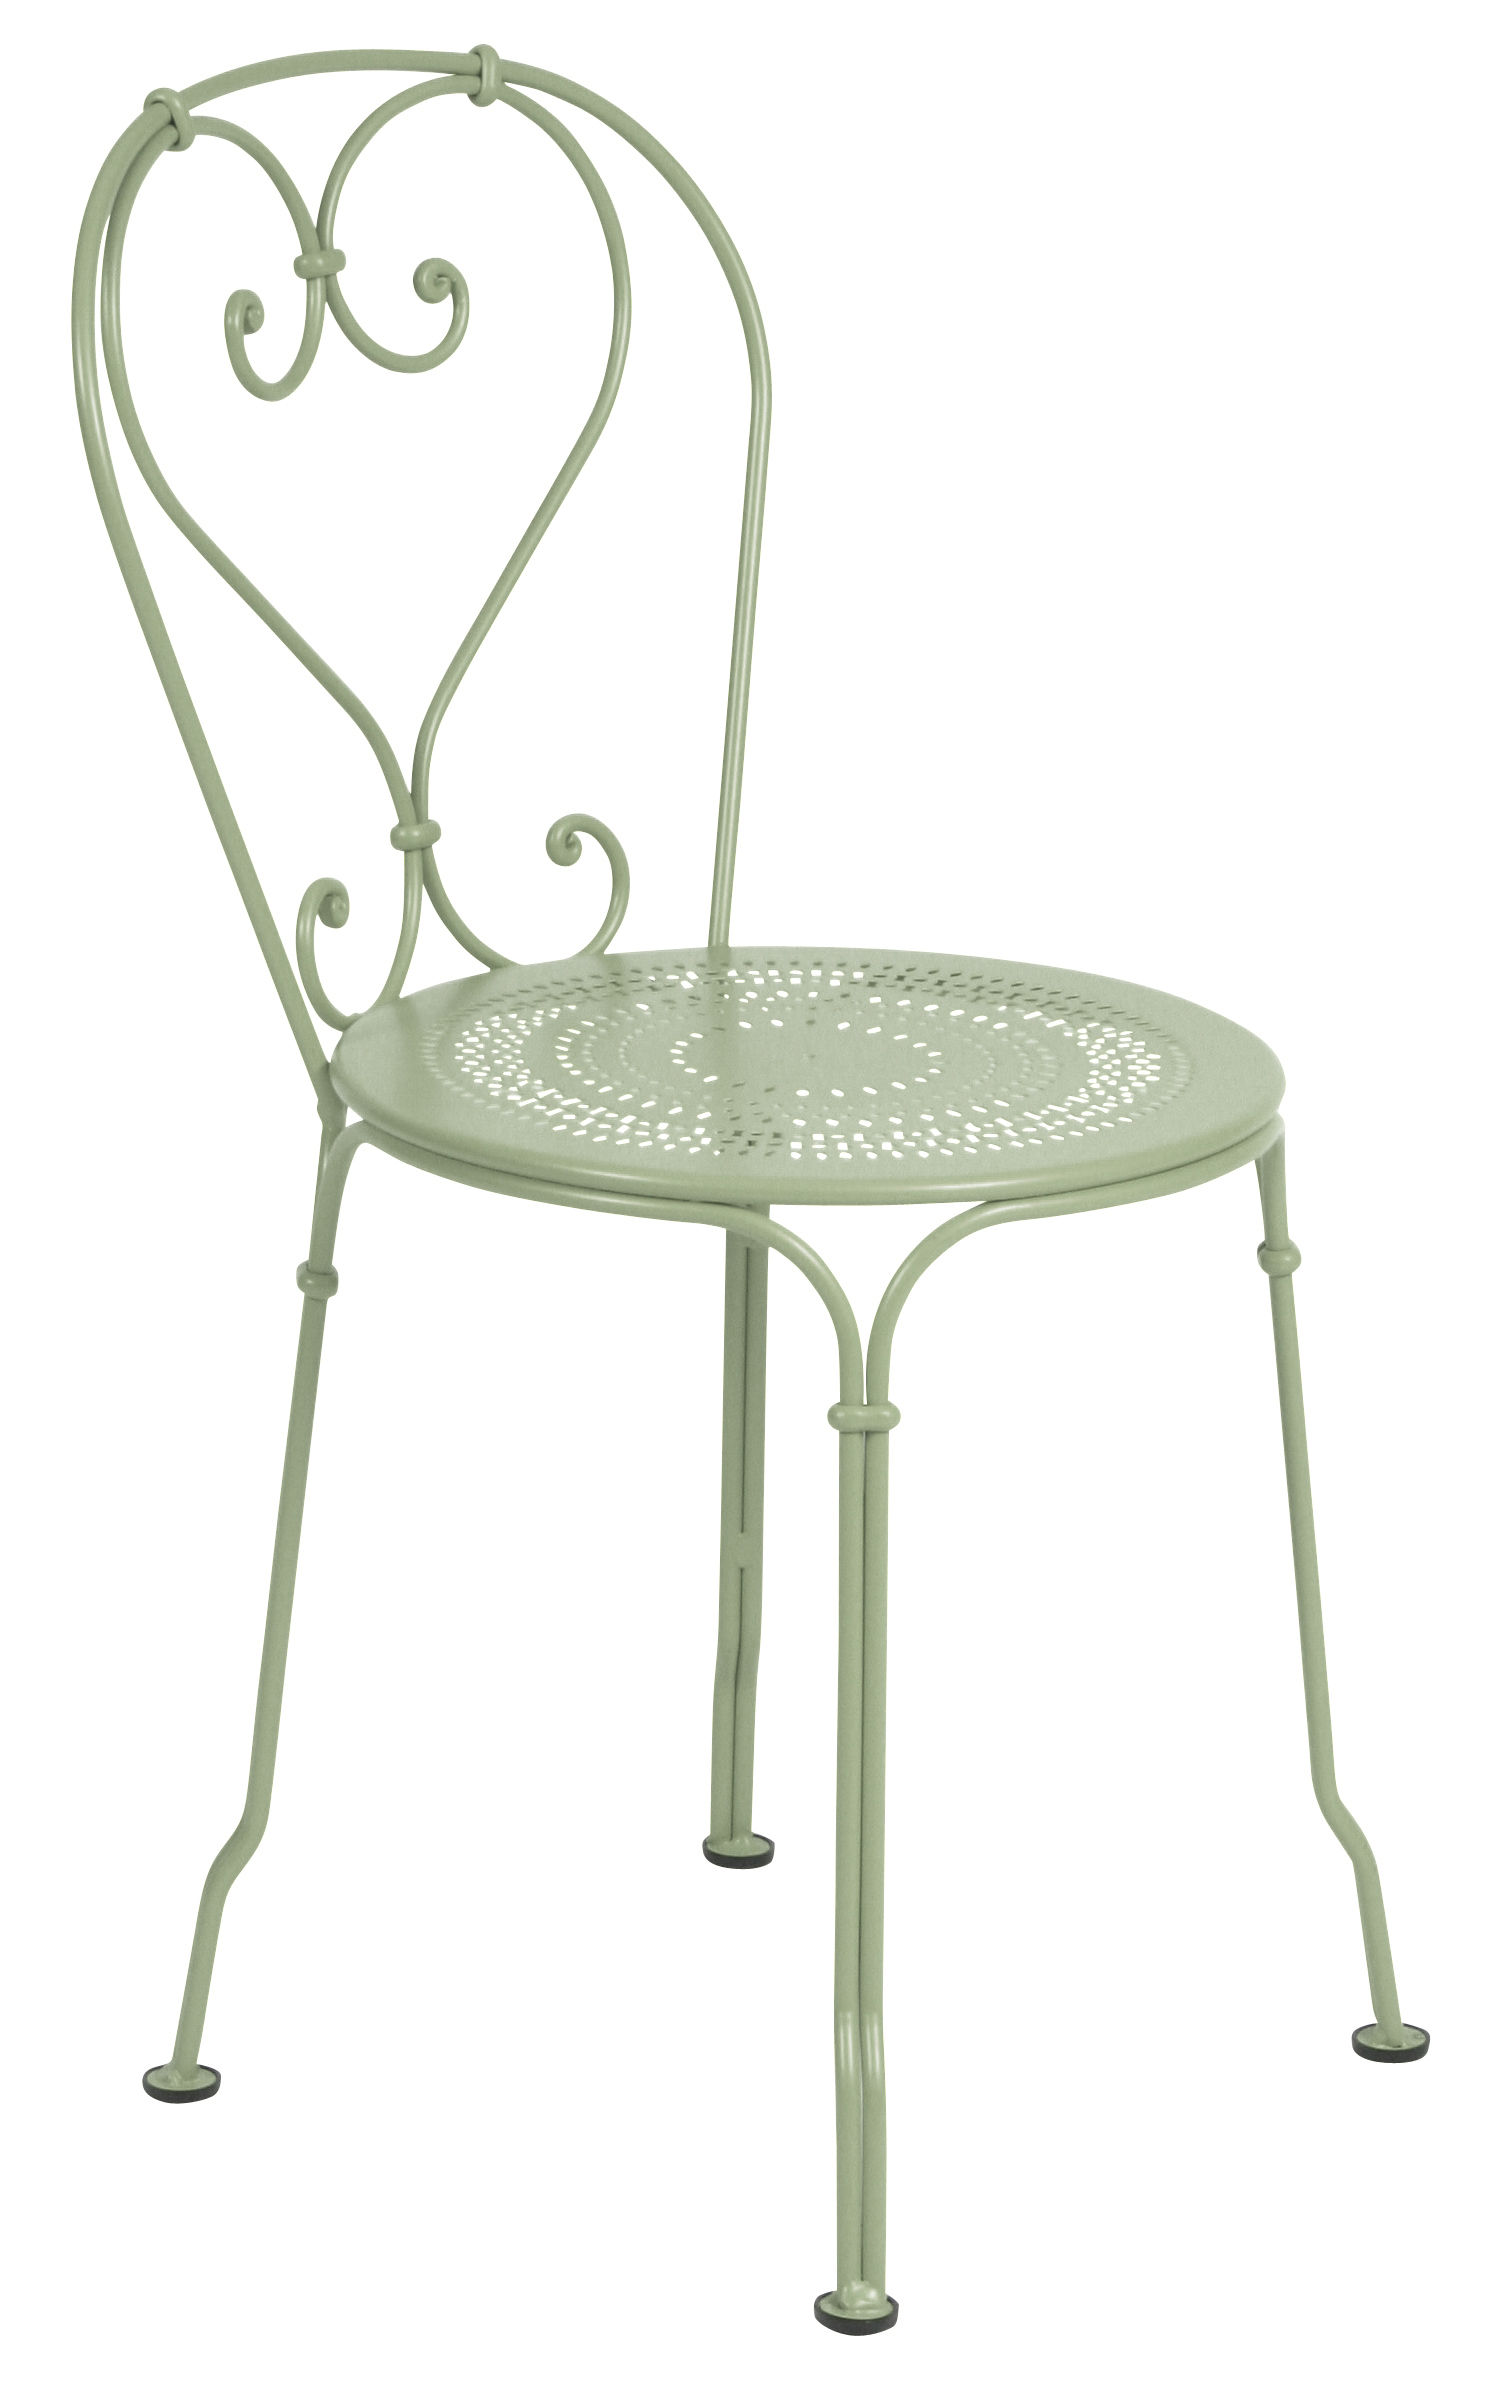 Mobilier - Chaises, fauteuils de salle à manger - Chaise empilable 1900 / Métal - Fermob - Tilleul - Acier